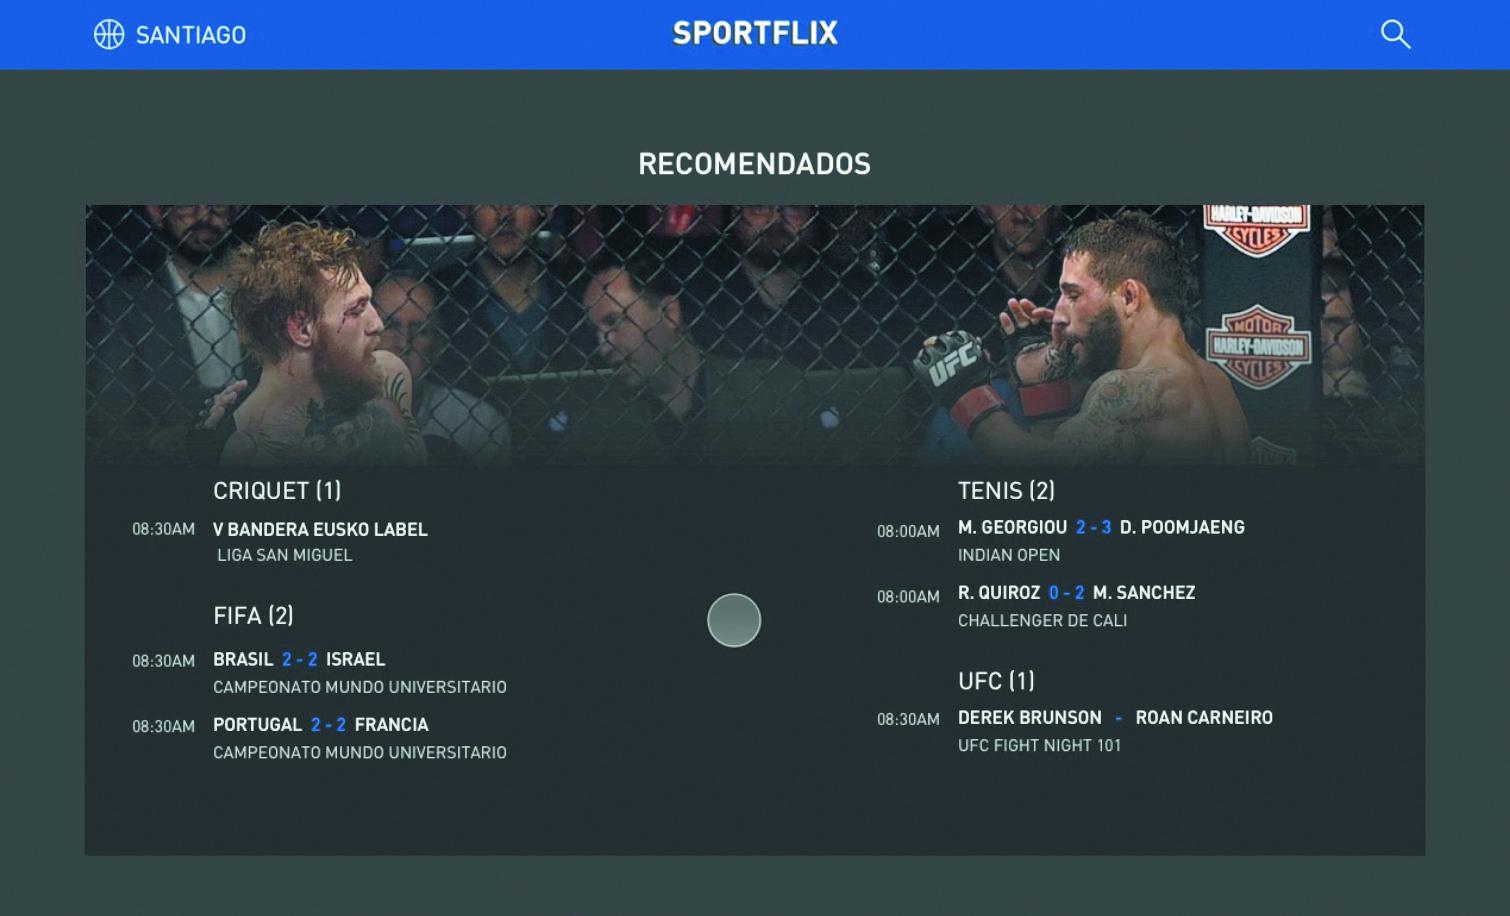 Conoce el Netflix de los deportes para el mundo — Sportflix